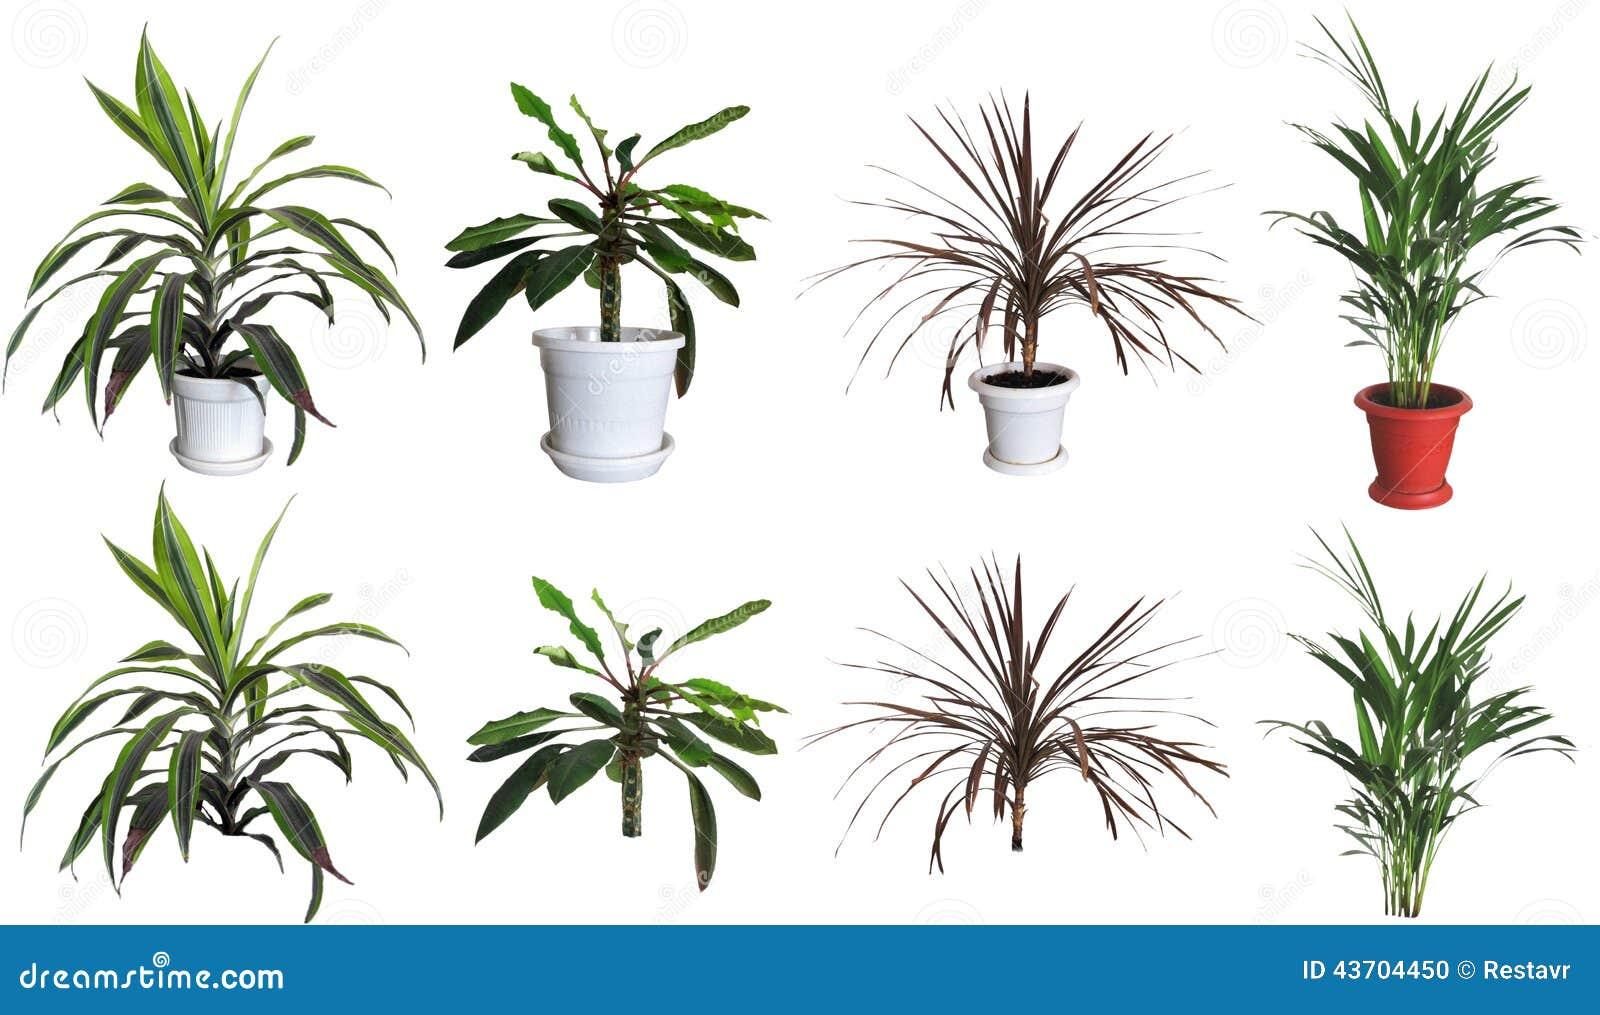 Plantas ornamentales stock de ilustraci n imagen 43704450 for Diseno de plantas ornamentales